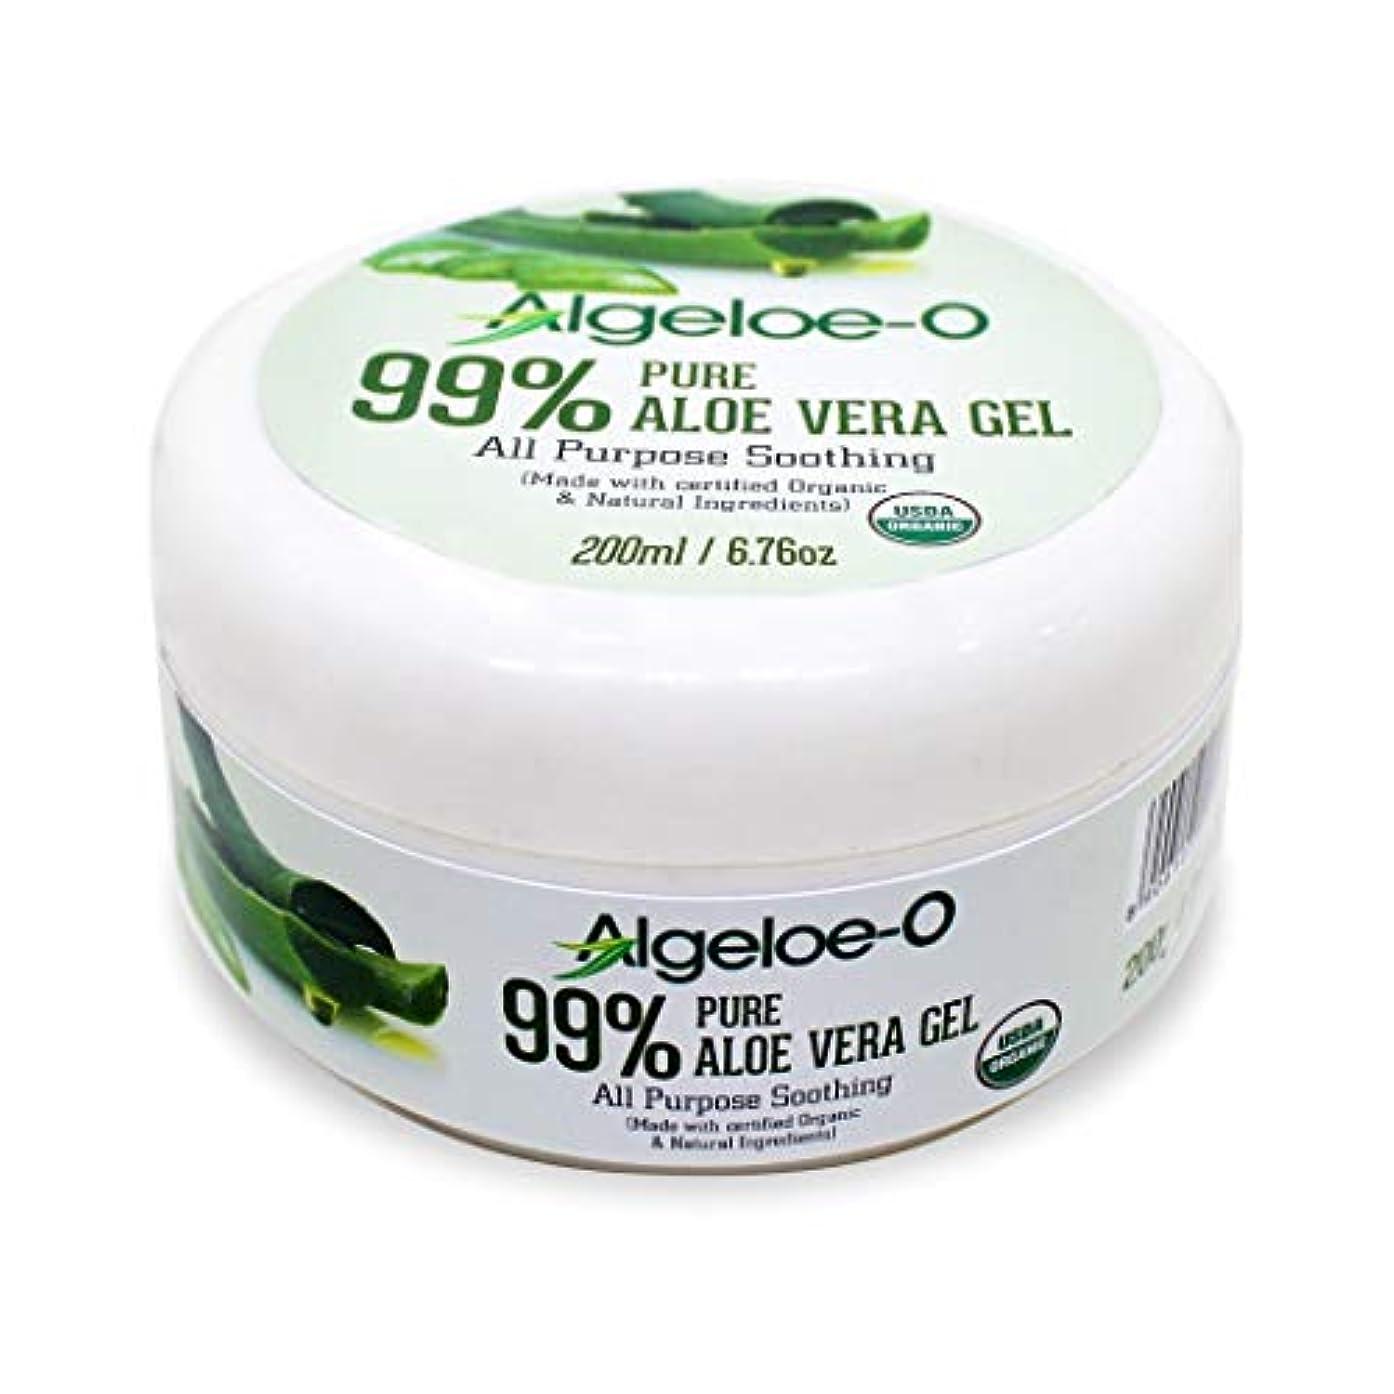 お母さん緯度手首Algeloe-O  Organic Aloe Vera Gel 99% Pure Natural made with USDA Certified Aloe Vera Powder Paraben, sulfate free...